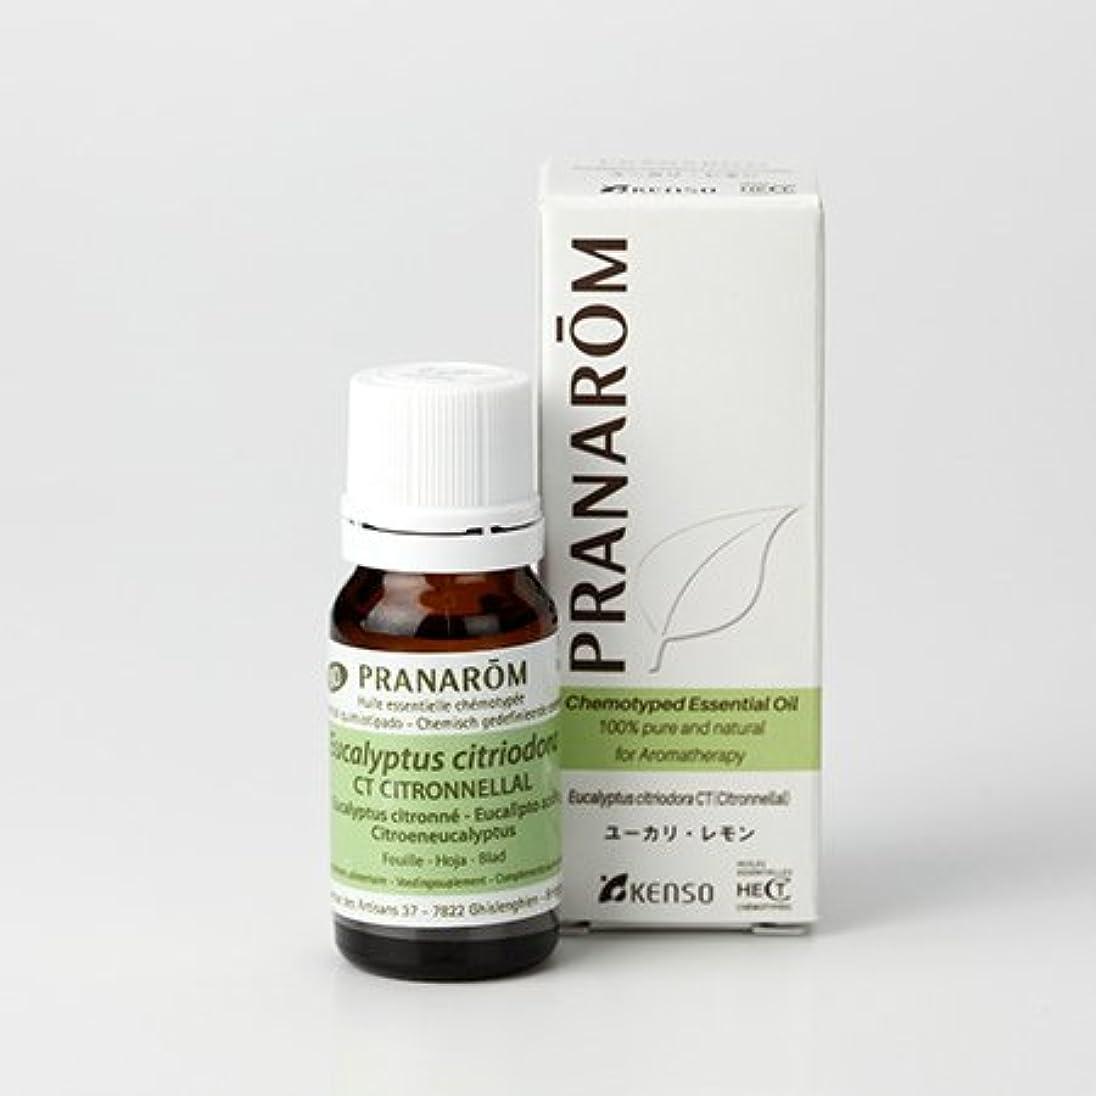 吸収する責遠足プラナロム ユーカリレモン 10ml (PRANAROM ケモタイプ精油)